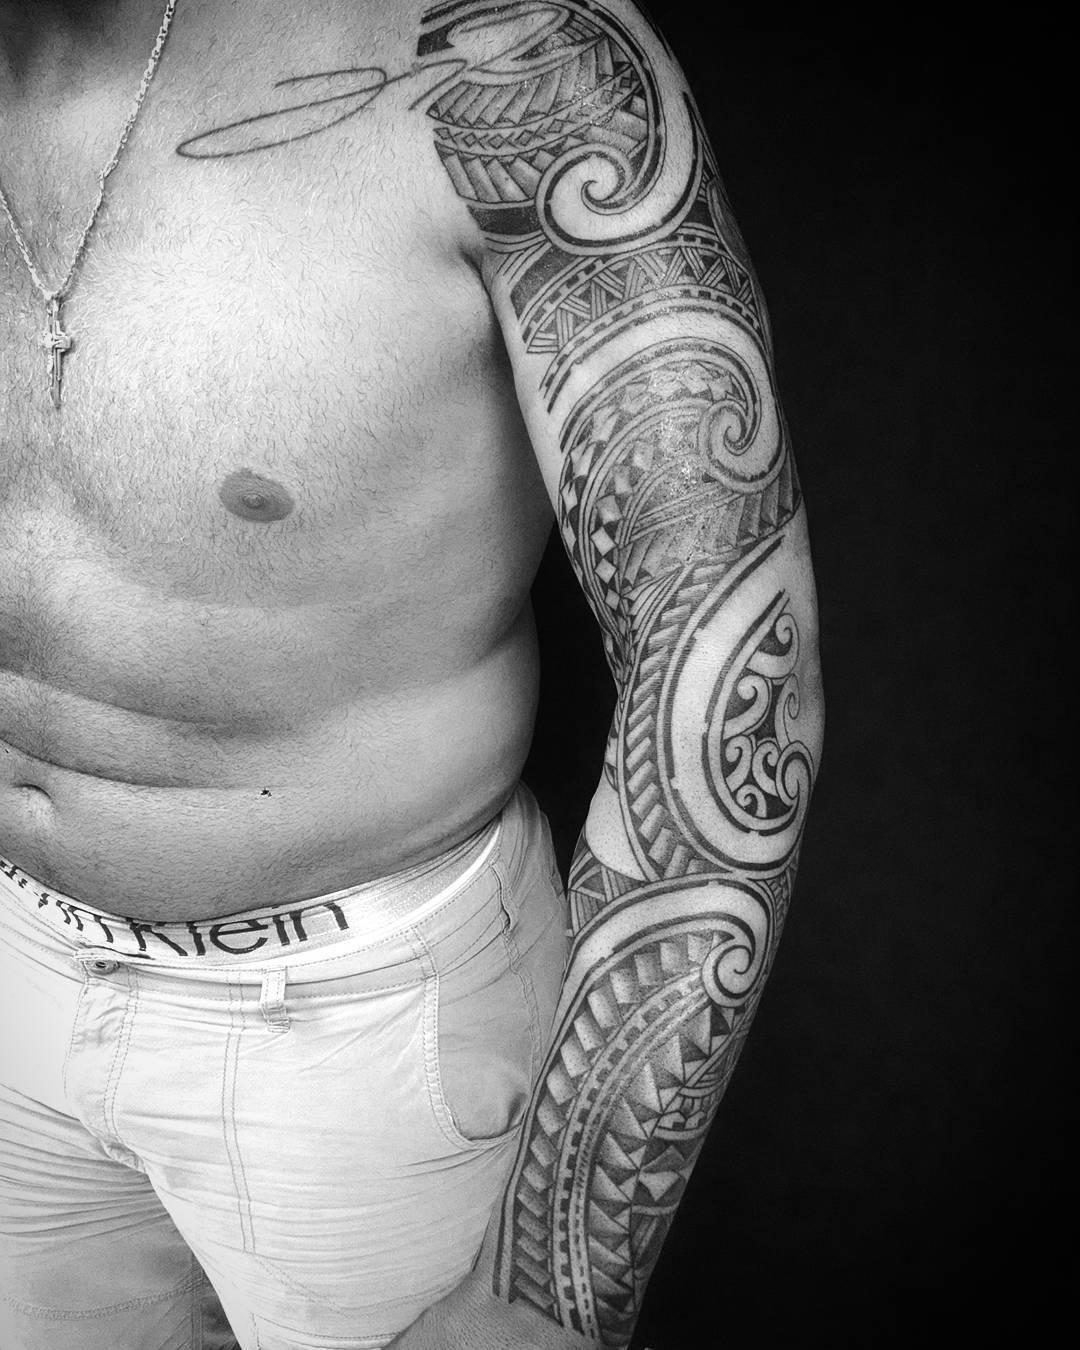 tatuagem-antonio-pezao